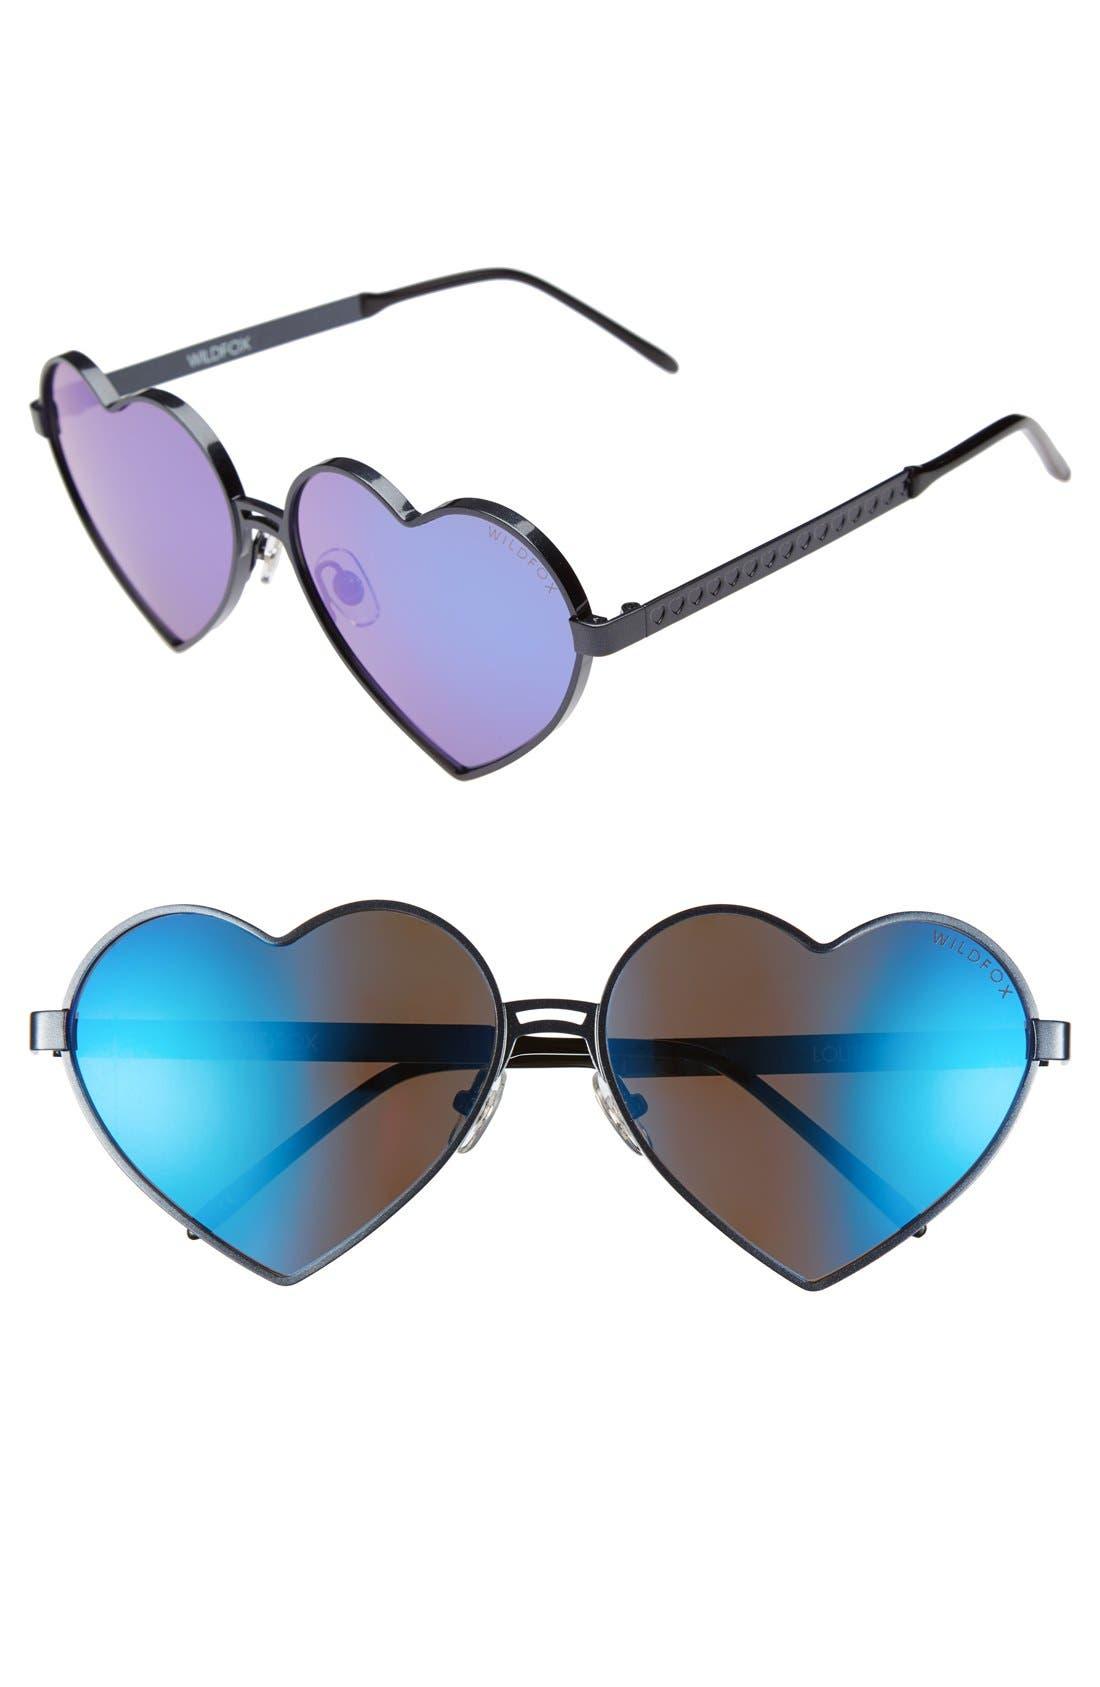 Main Image - Wildfox 'Lolita Deluxe' 59mm Sunglasses